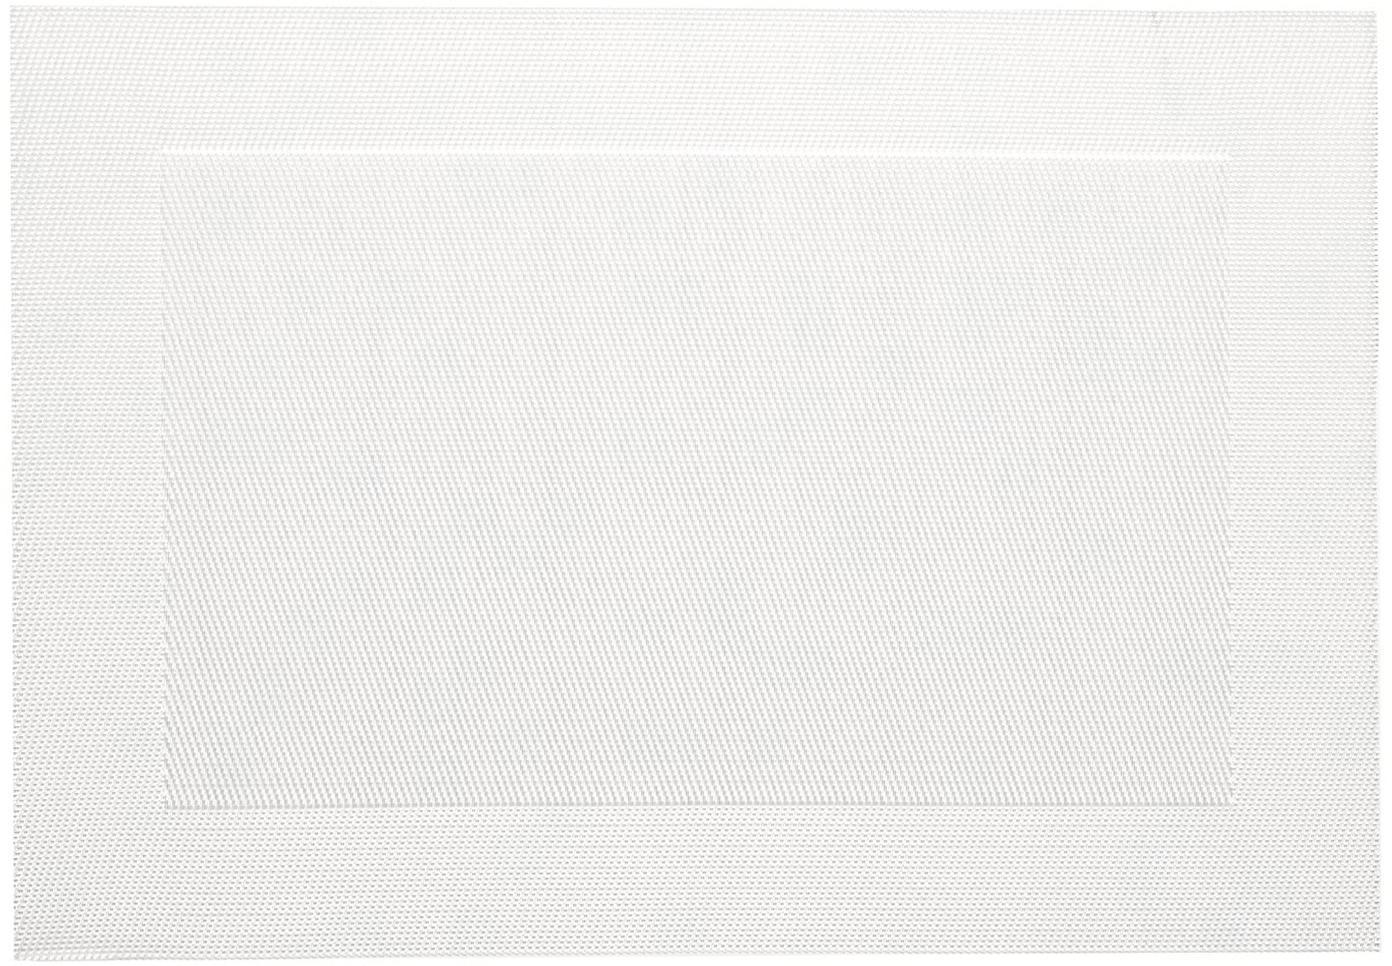 Kunststoff-Tischsets Modern, 2 Stück, Kunststoff, Perlmutt, 33 x 46 cm